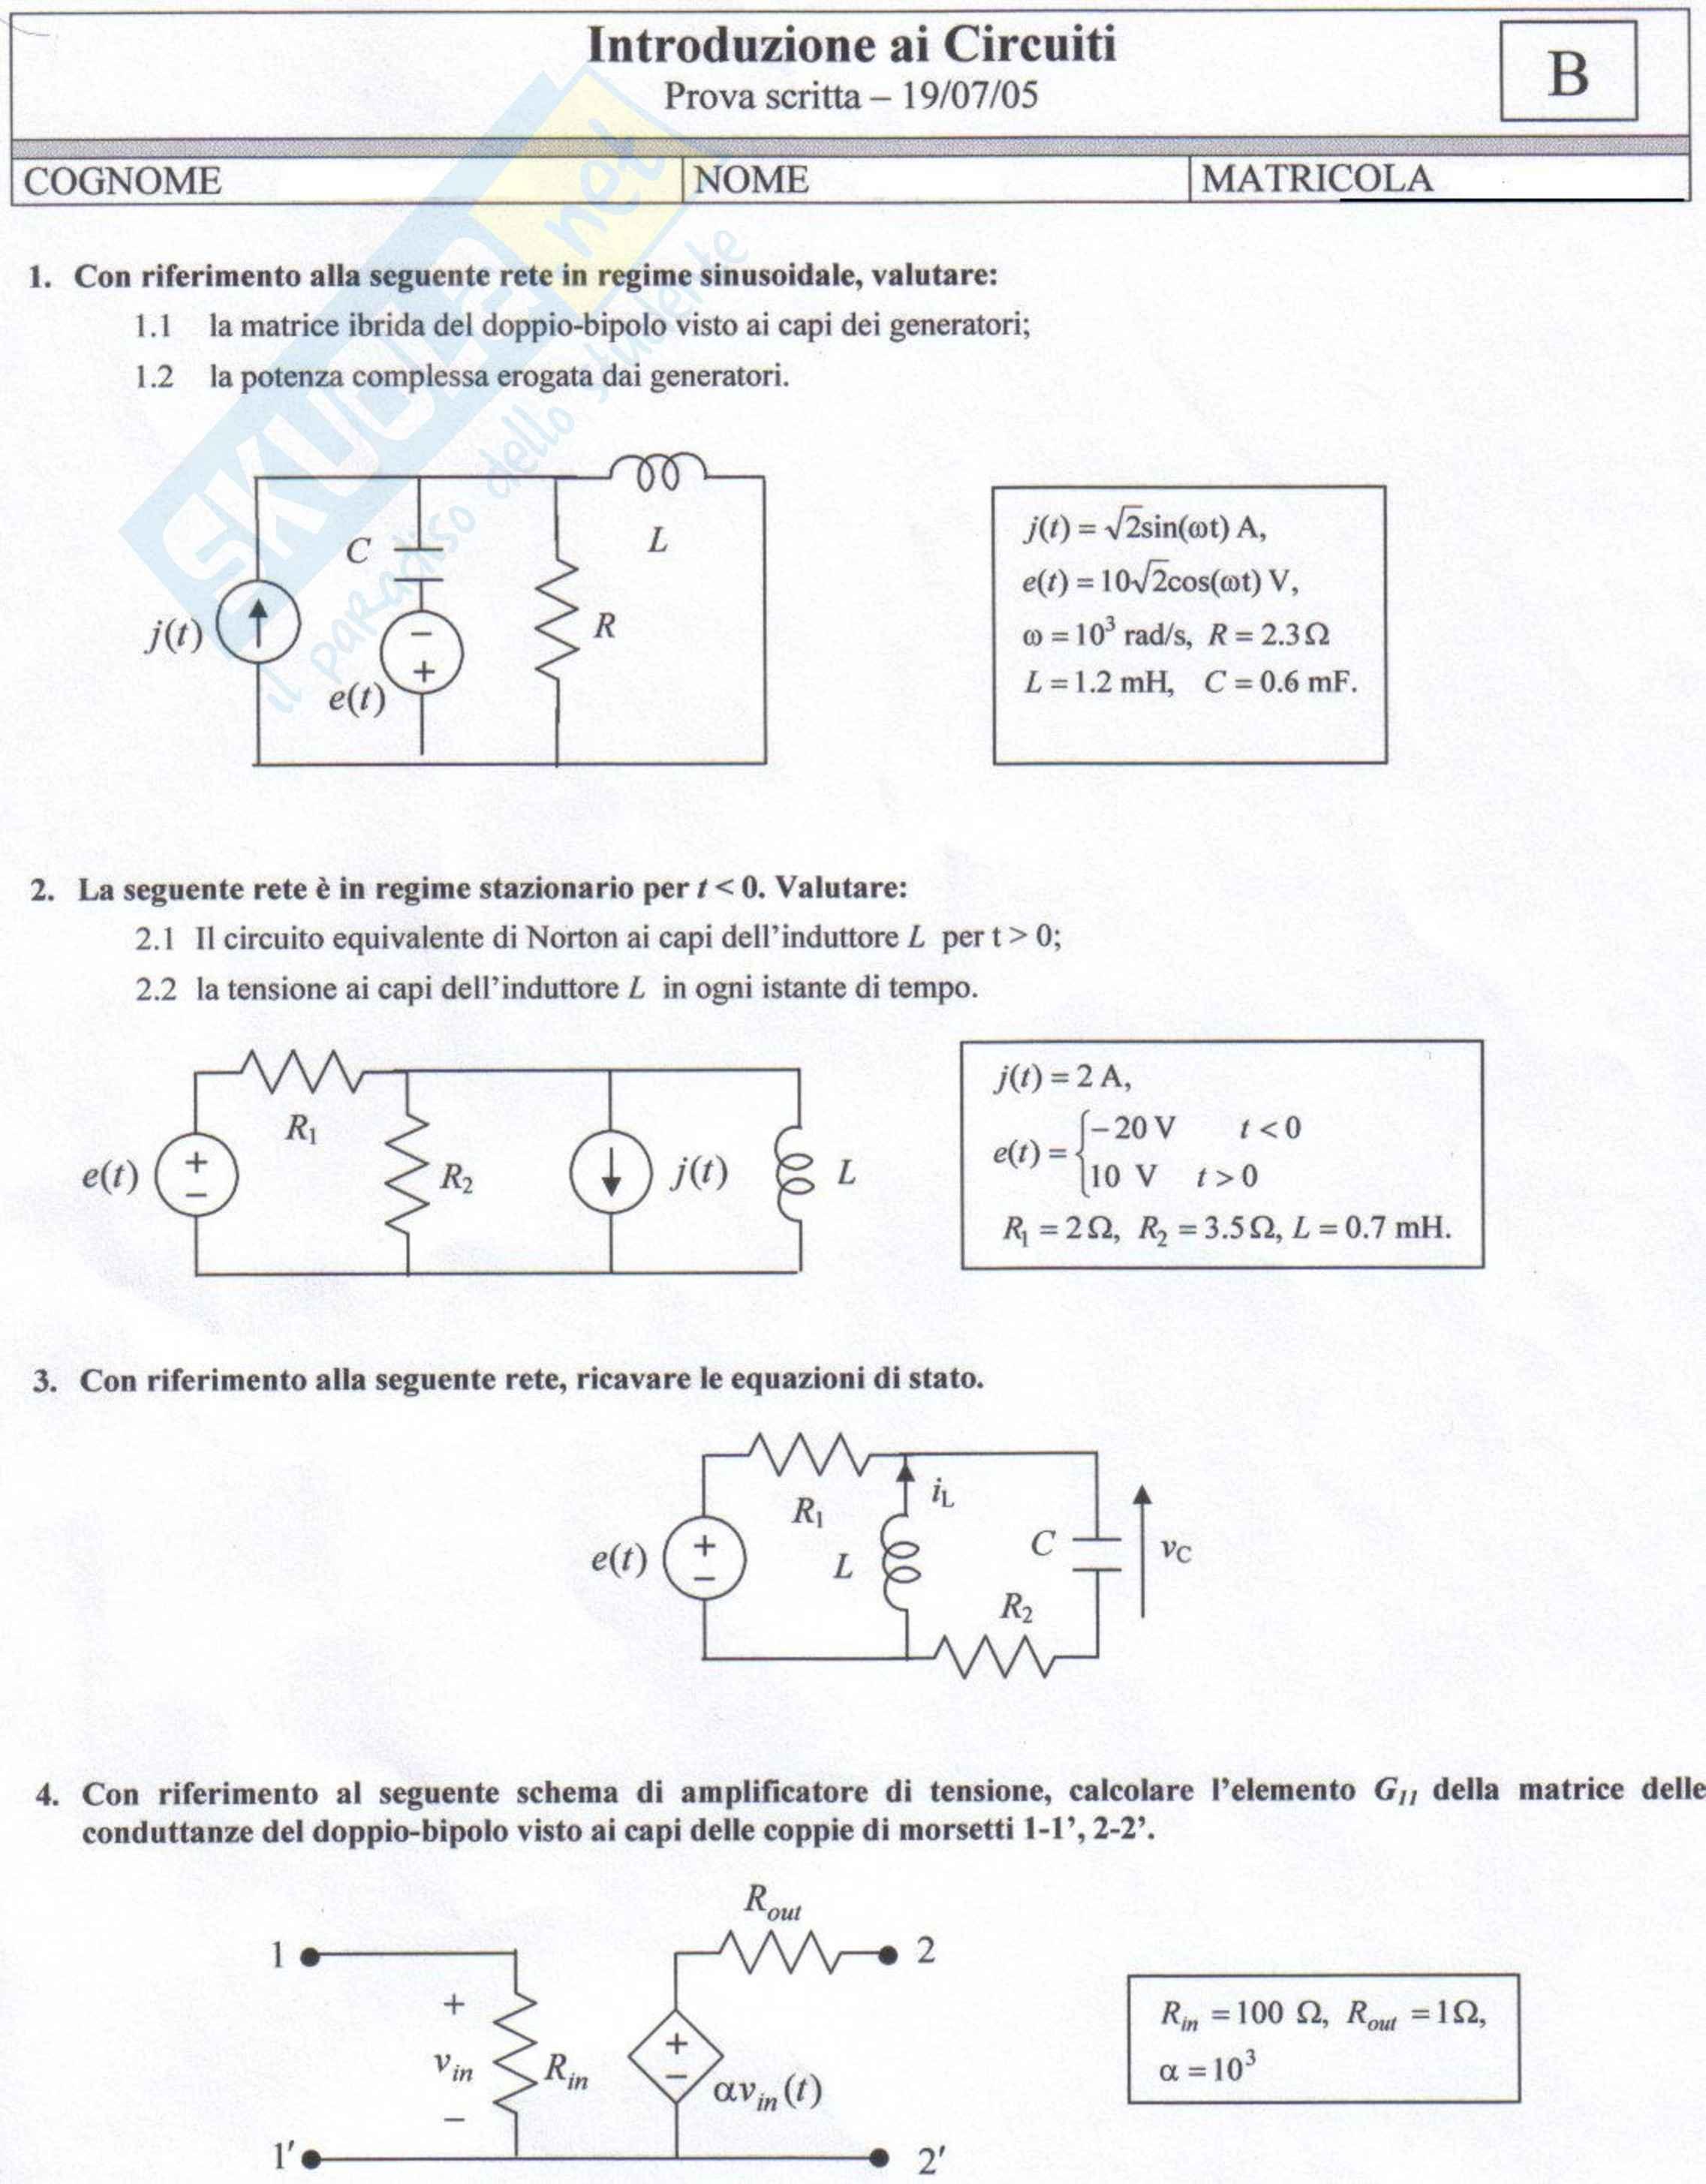 Introduzione ai circuiti - Prova d'esame Luglio 2005